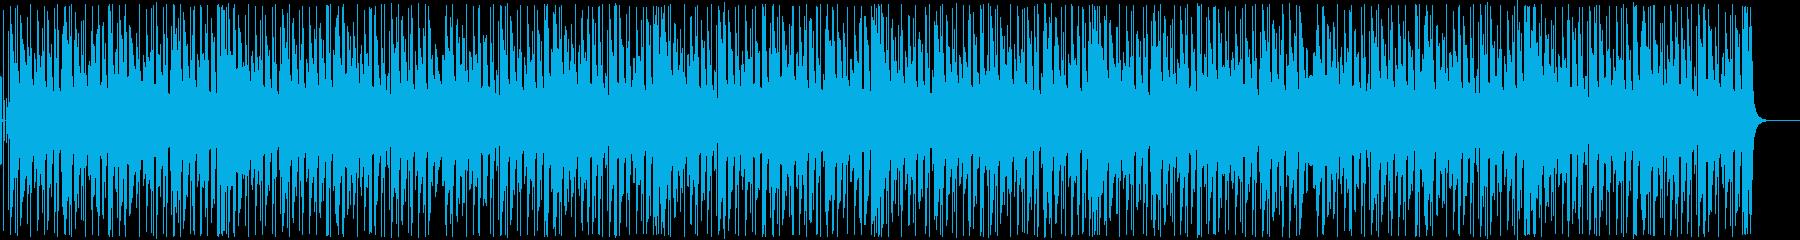 ピアノとギターがメインの軽快なBGMの再生済みの波形